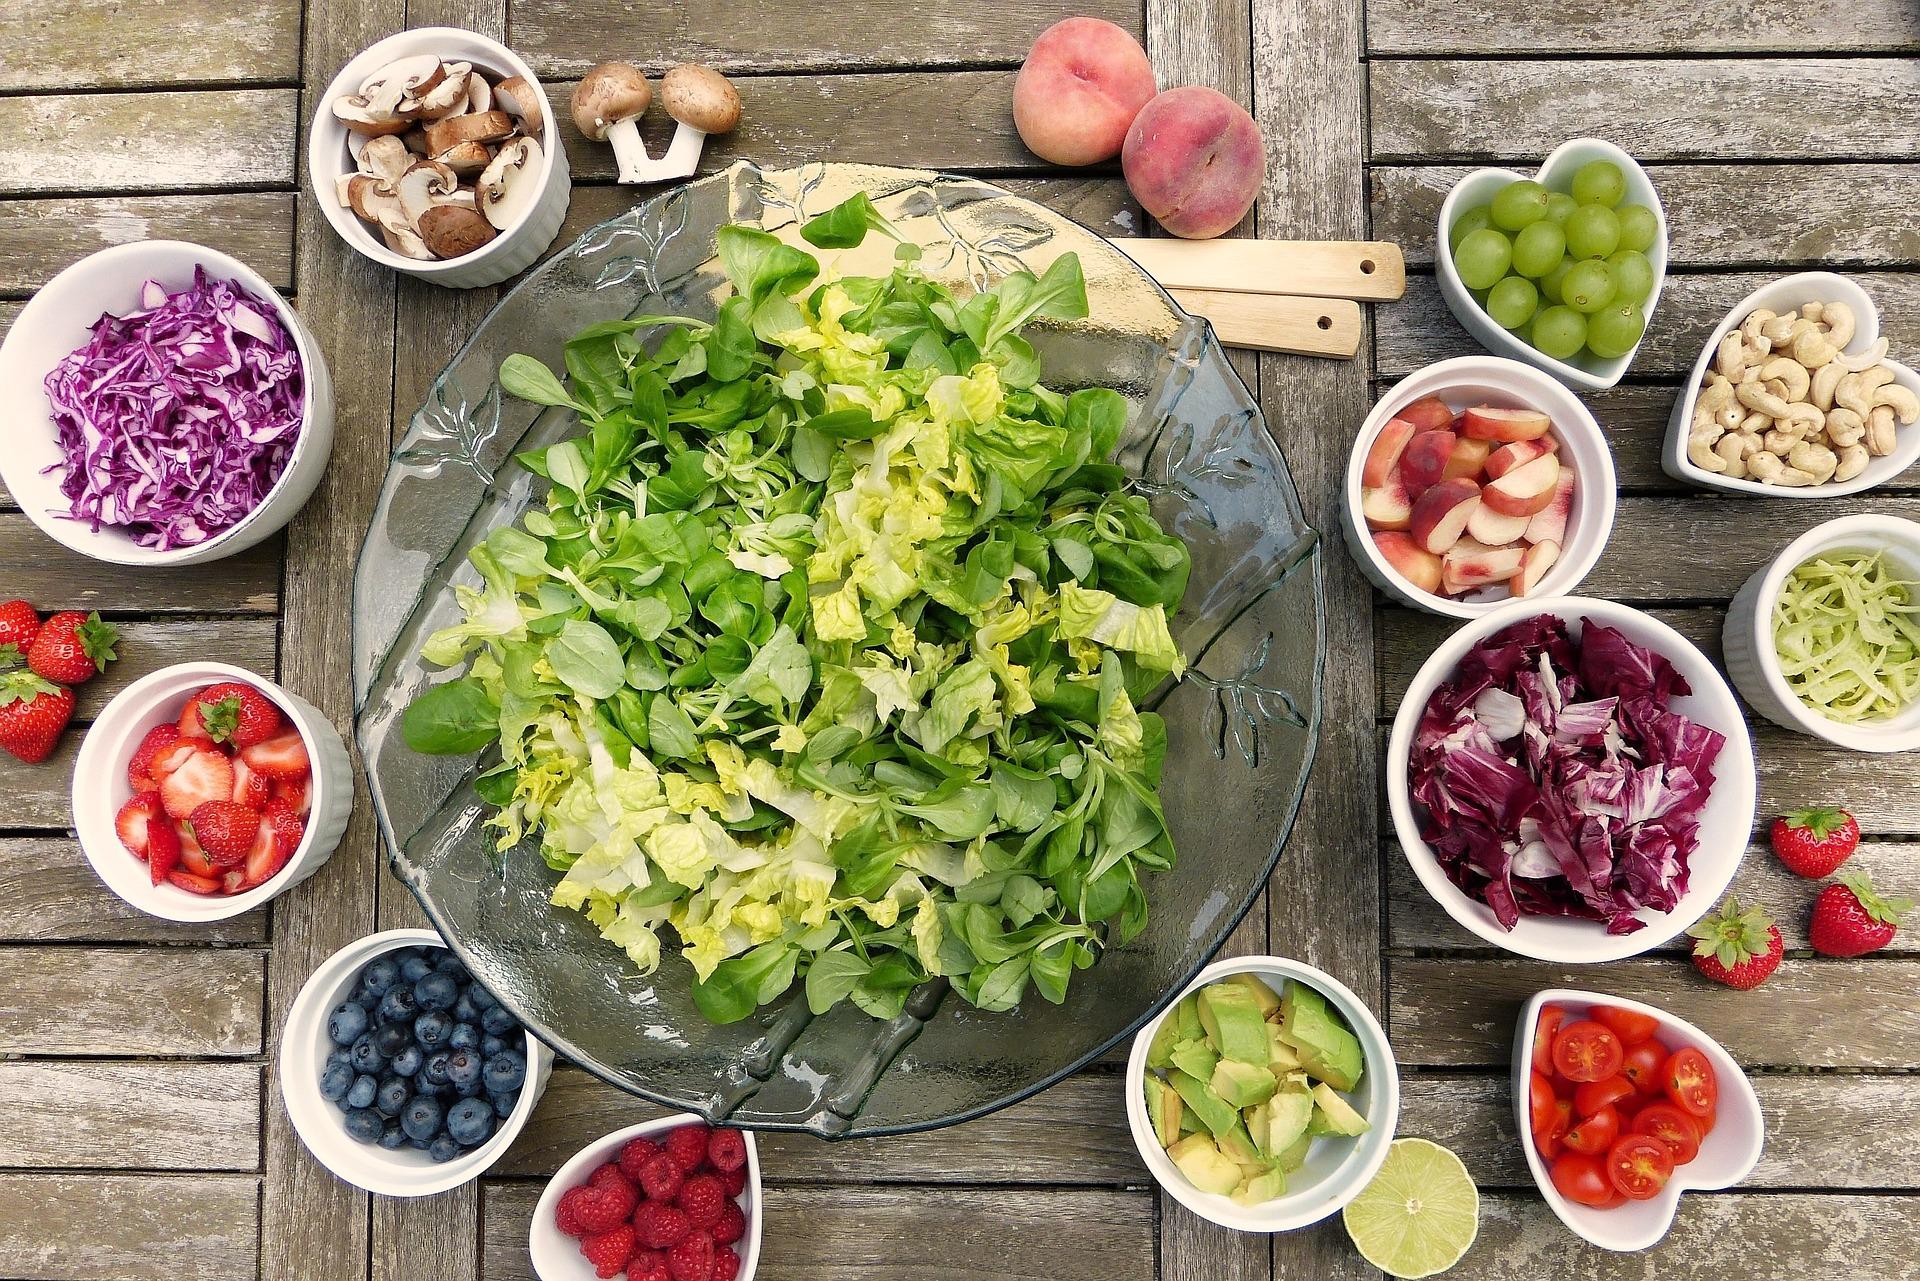 Ernährung aus der Sicht, der genetischen Evolution